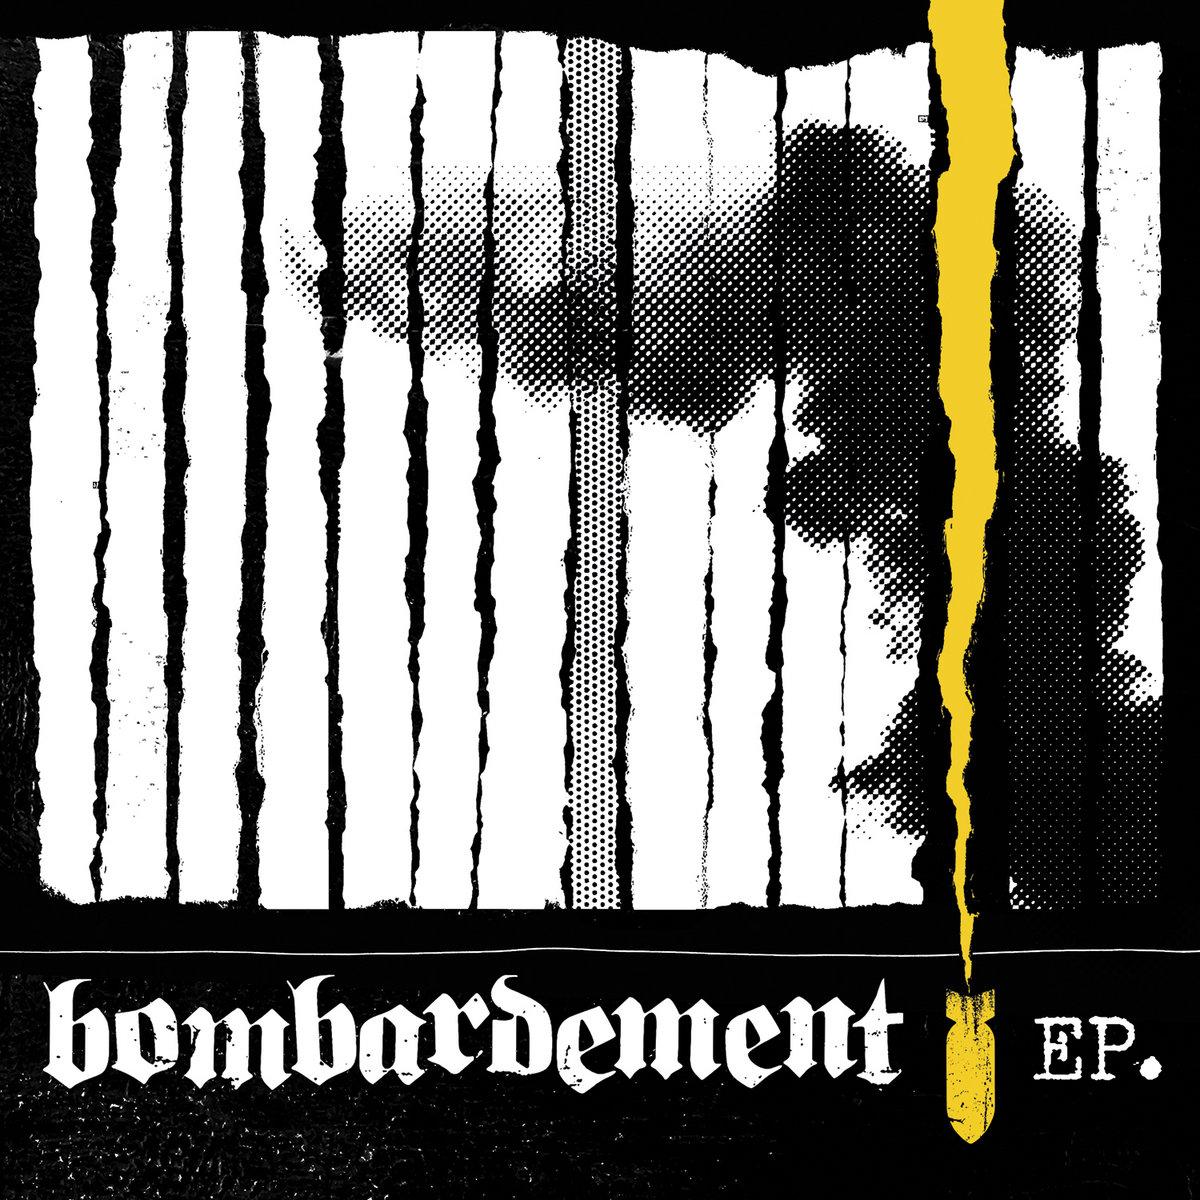 Bombardement - EP